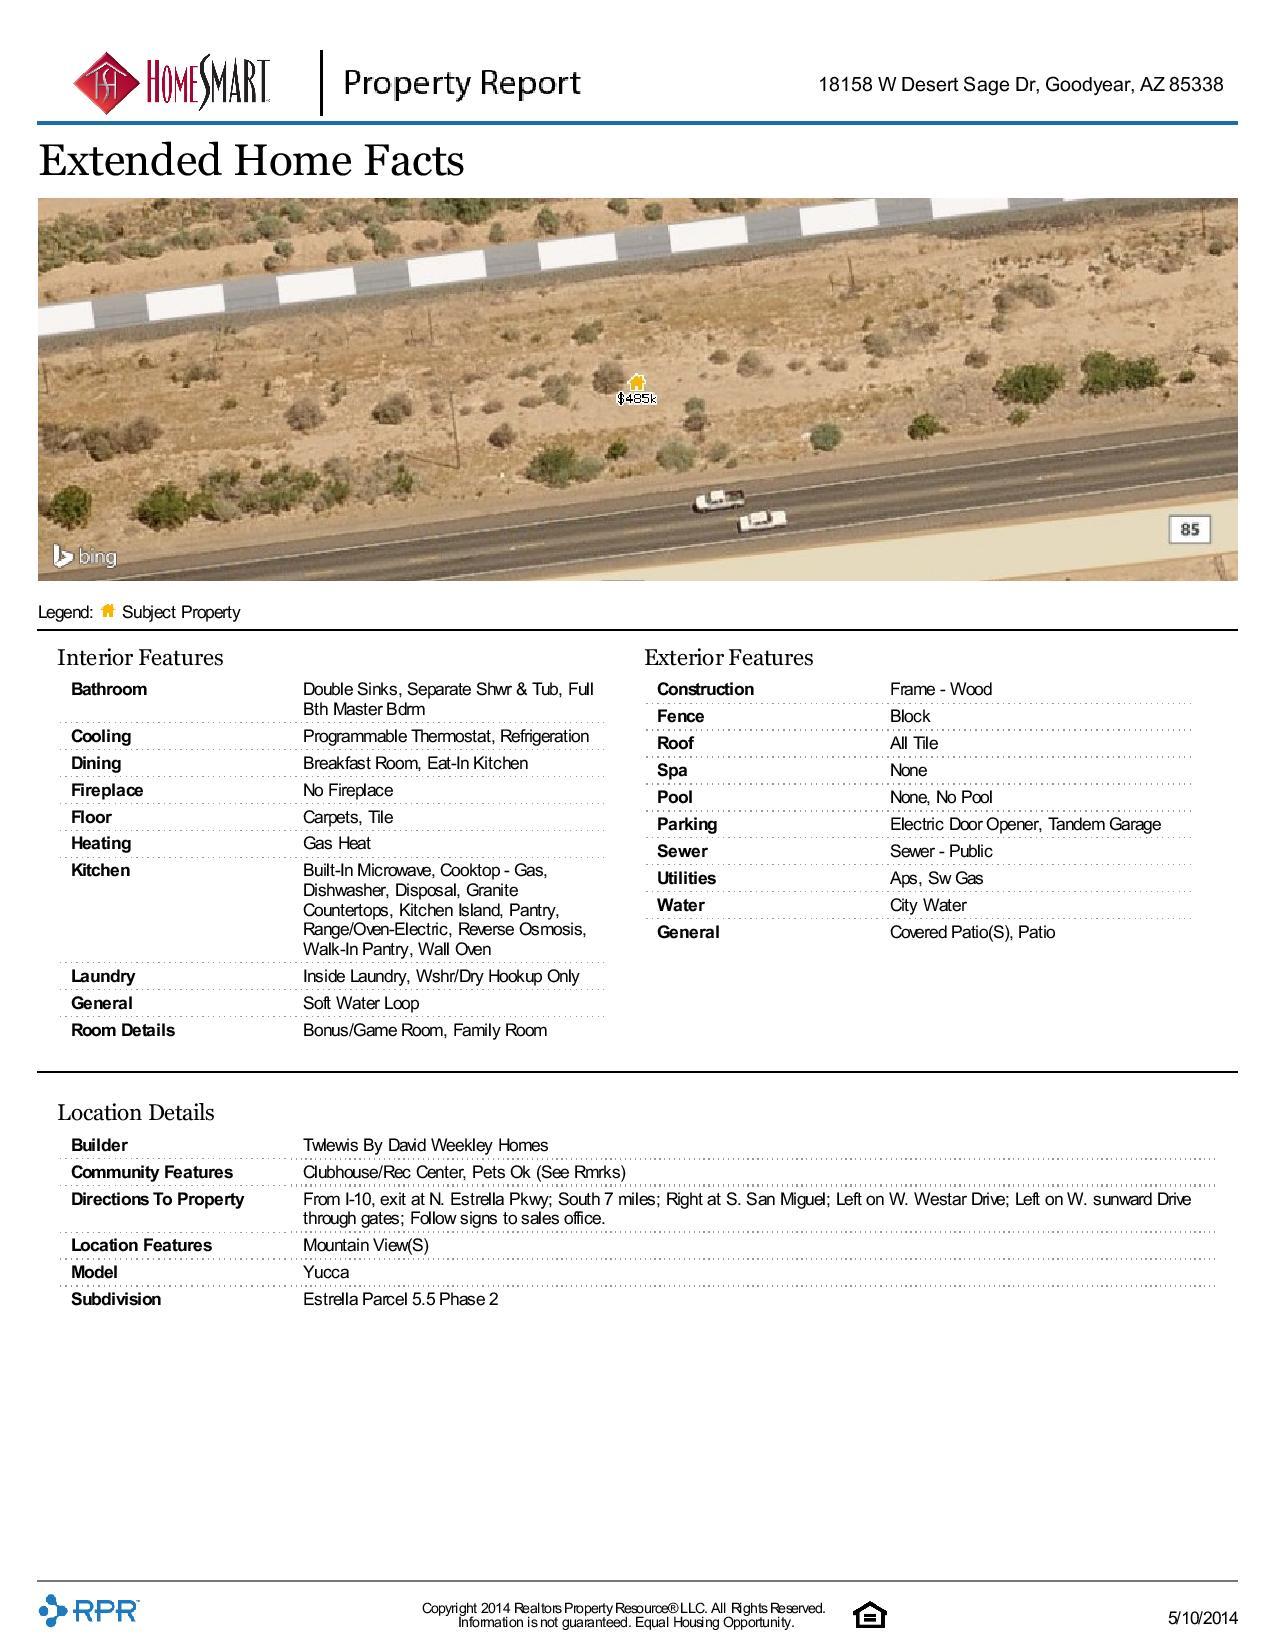 18158-W-Desert-Sage-Dr-Goodyear-AZ-85338-page-004